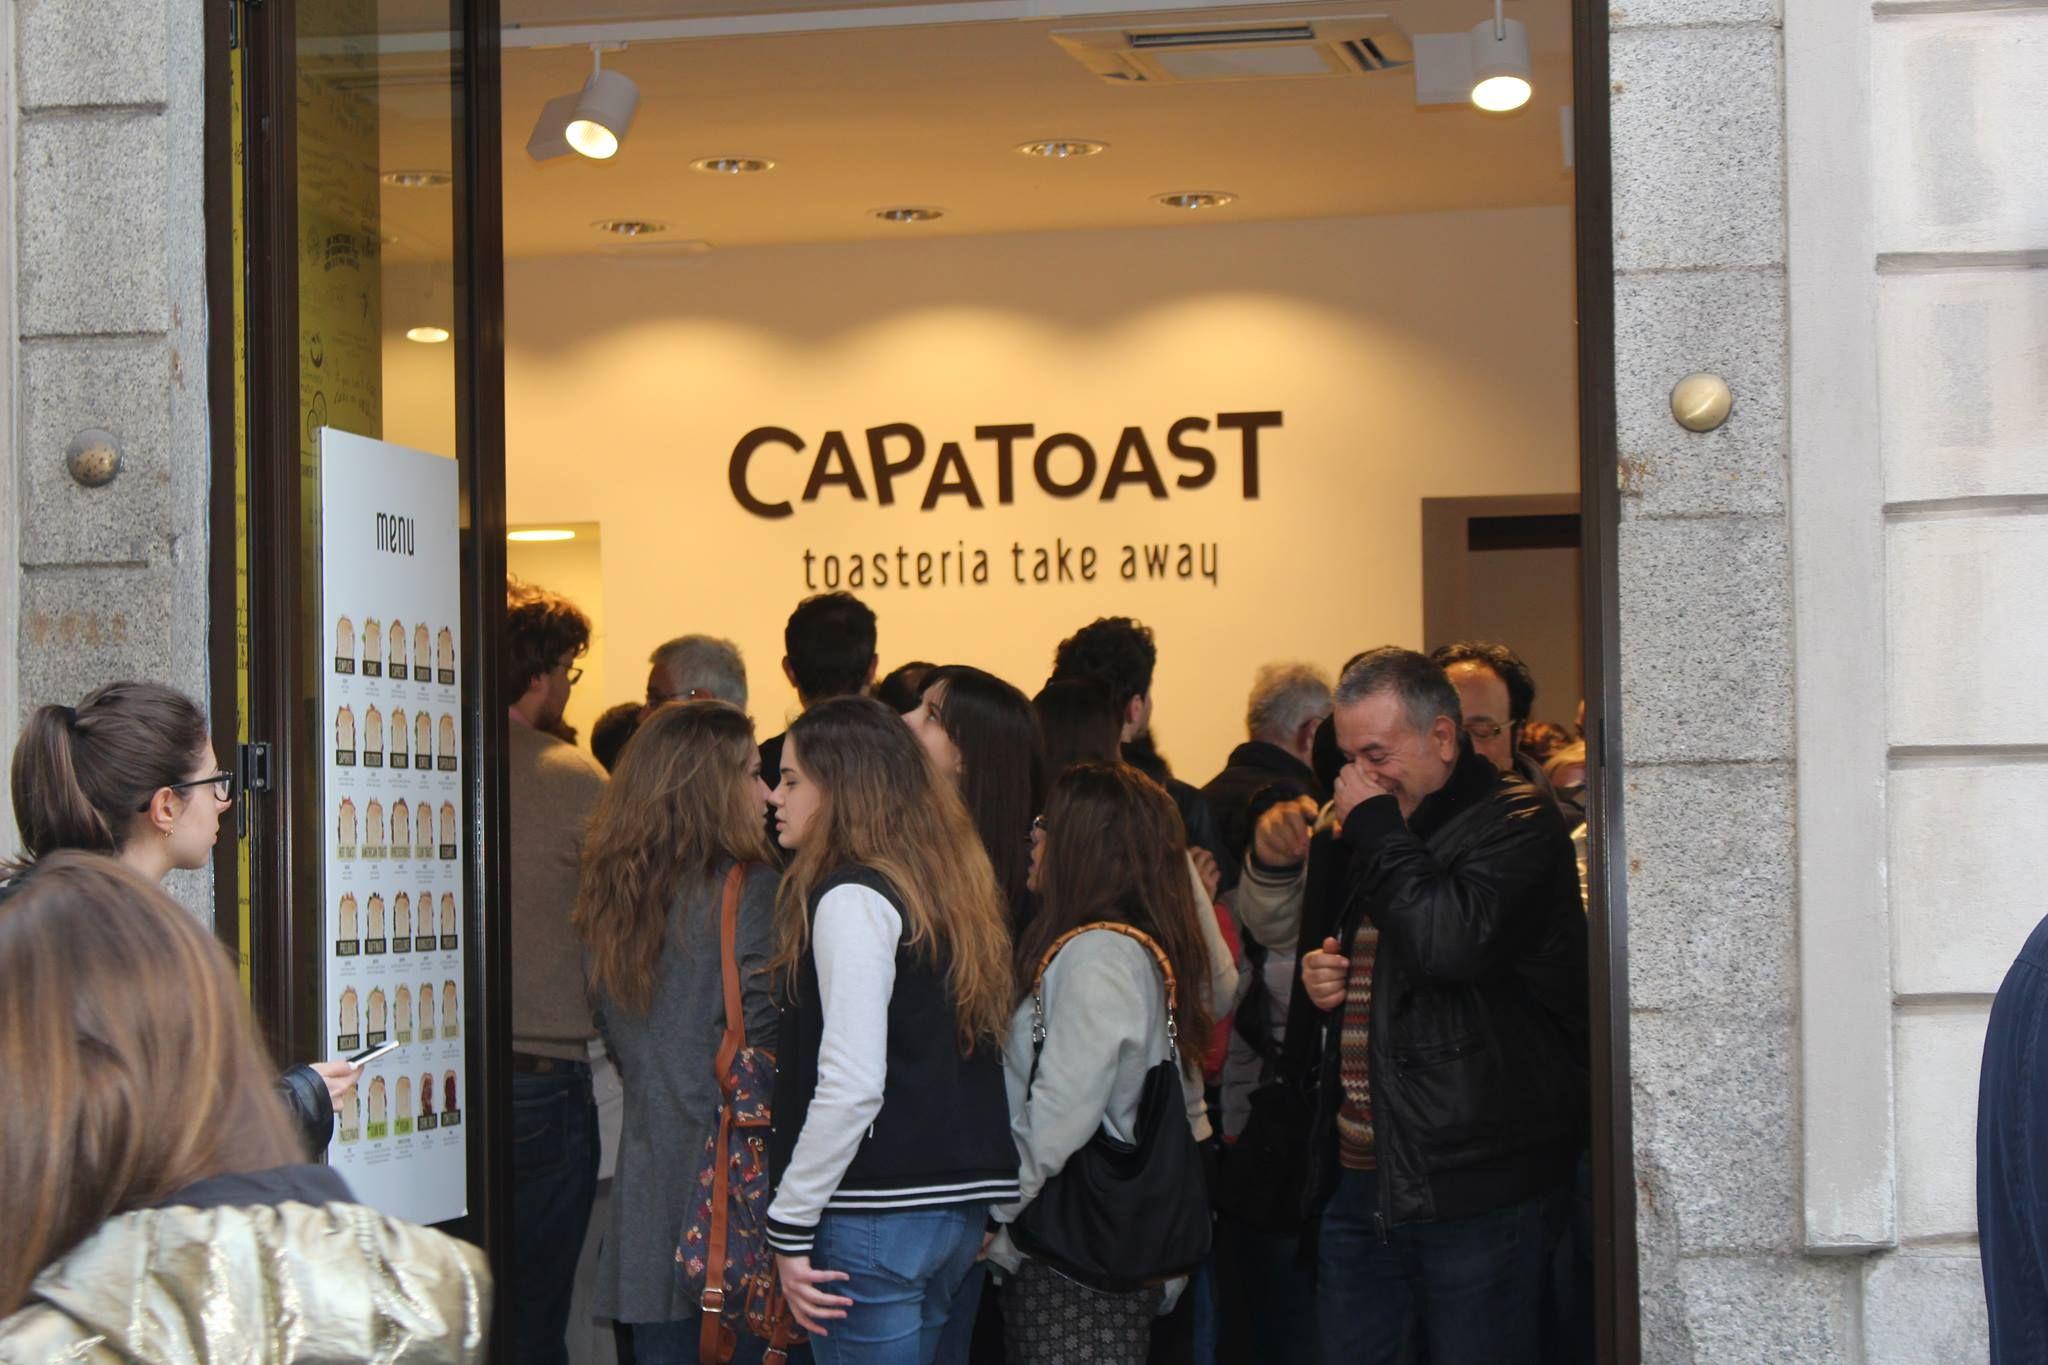 CAPATOAST la prima Toasteria Take Away in Italia